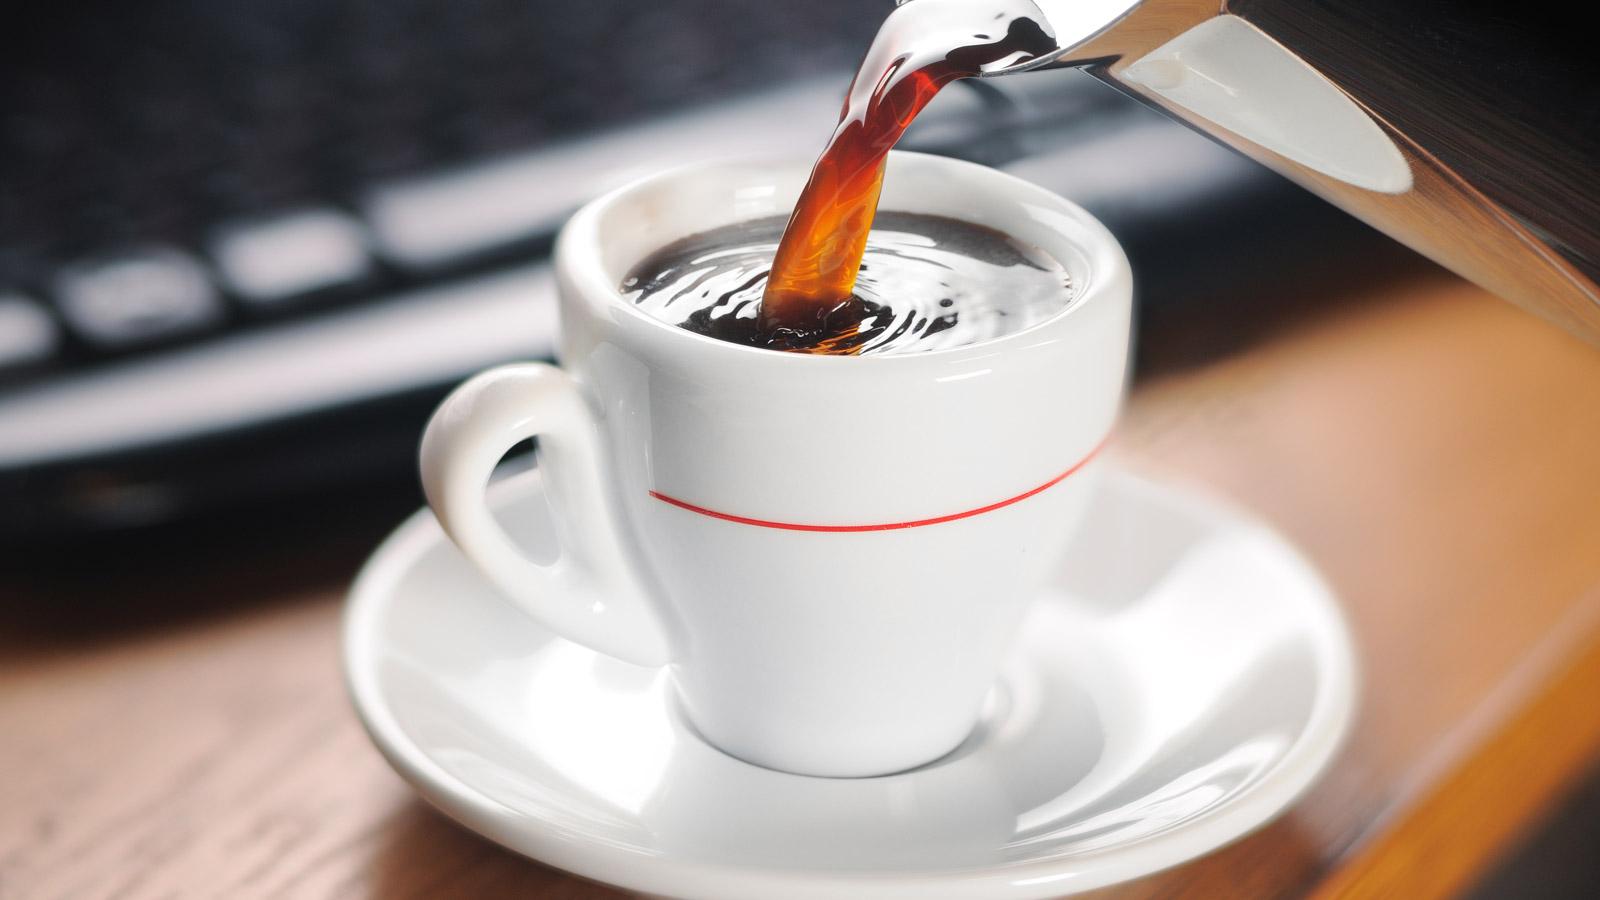 5 ETAPÓW dzięki którym KAWA jest taka wspaniała! top 5 mediarun kawa 2019